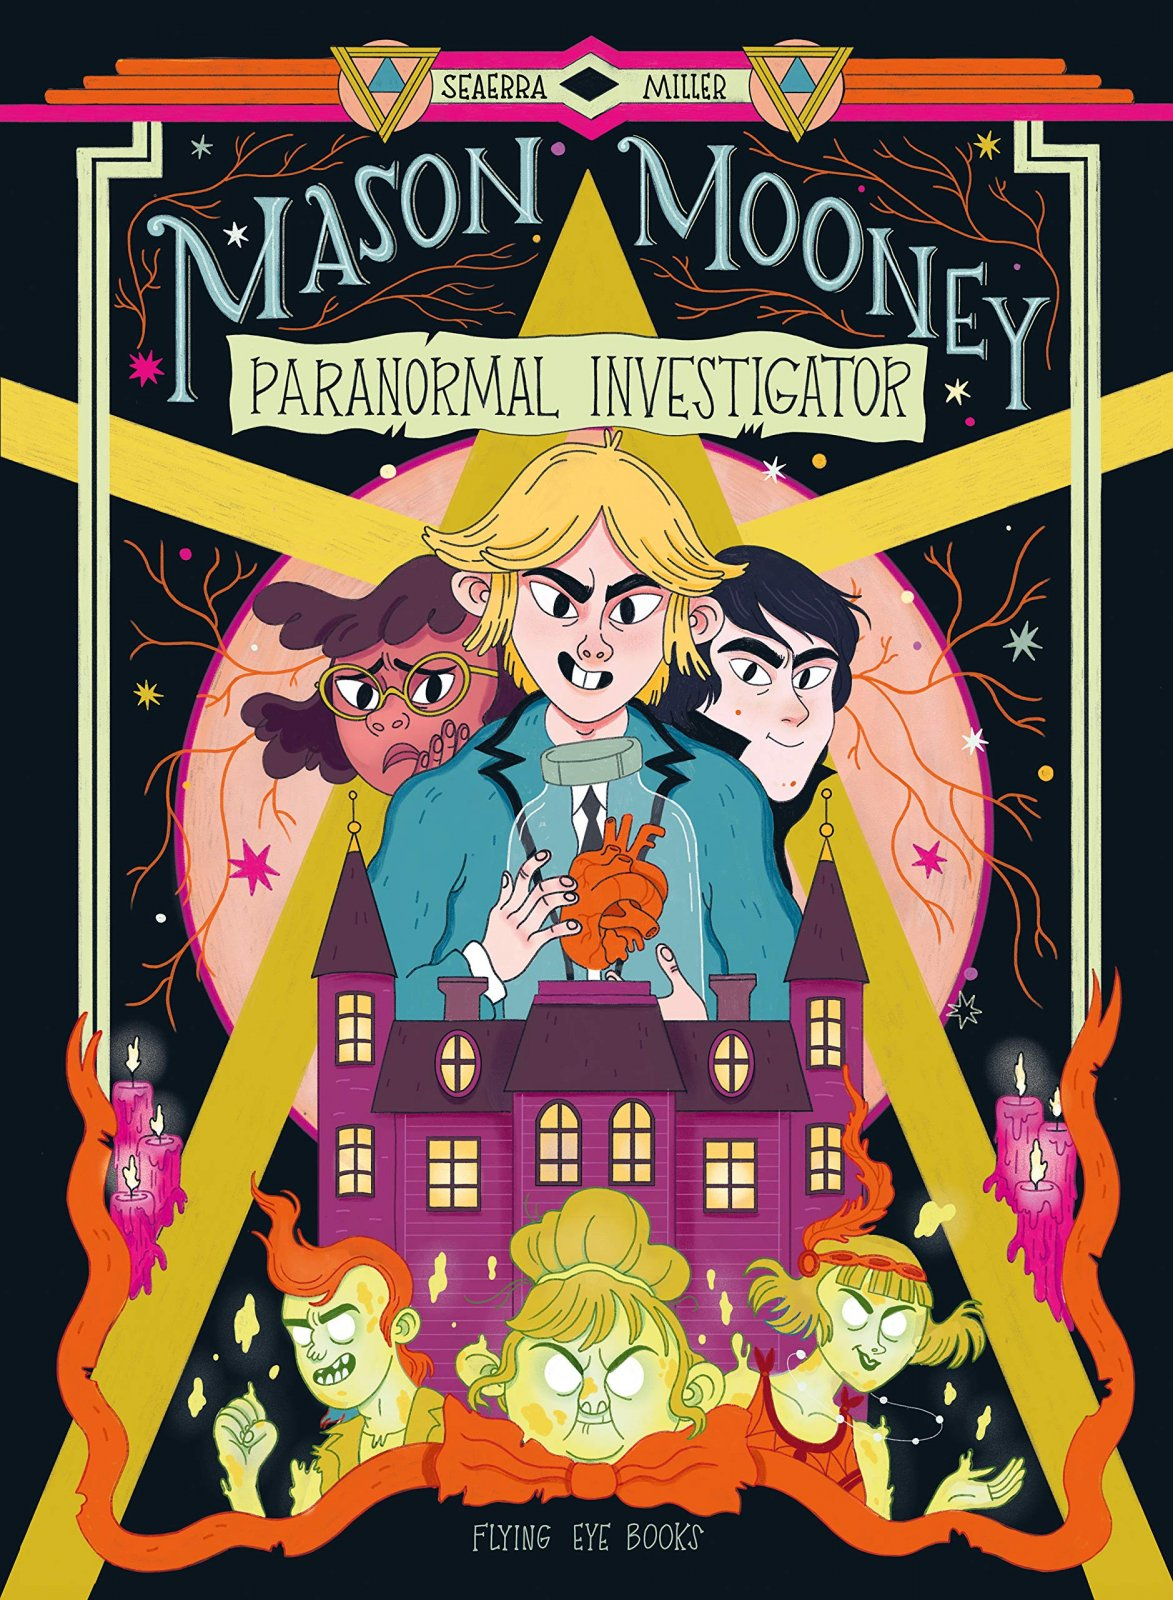 Mason Mooney Paranormal Investigator by Seaerra Miller